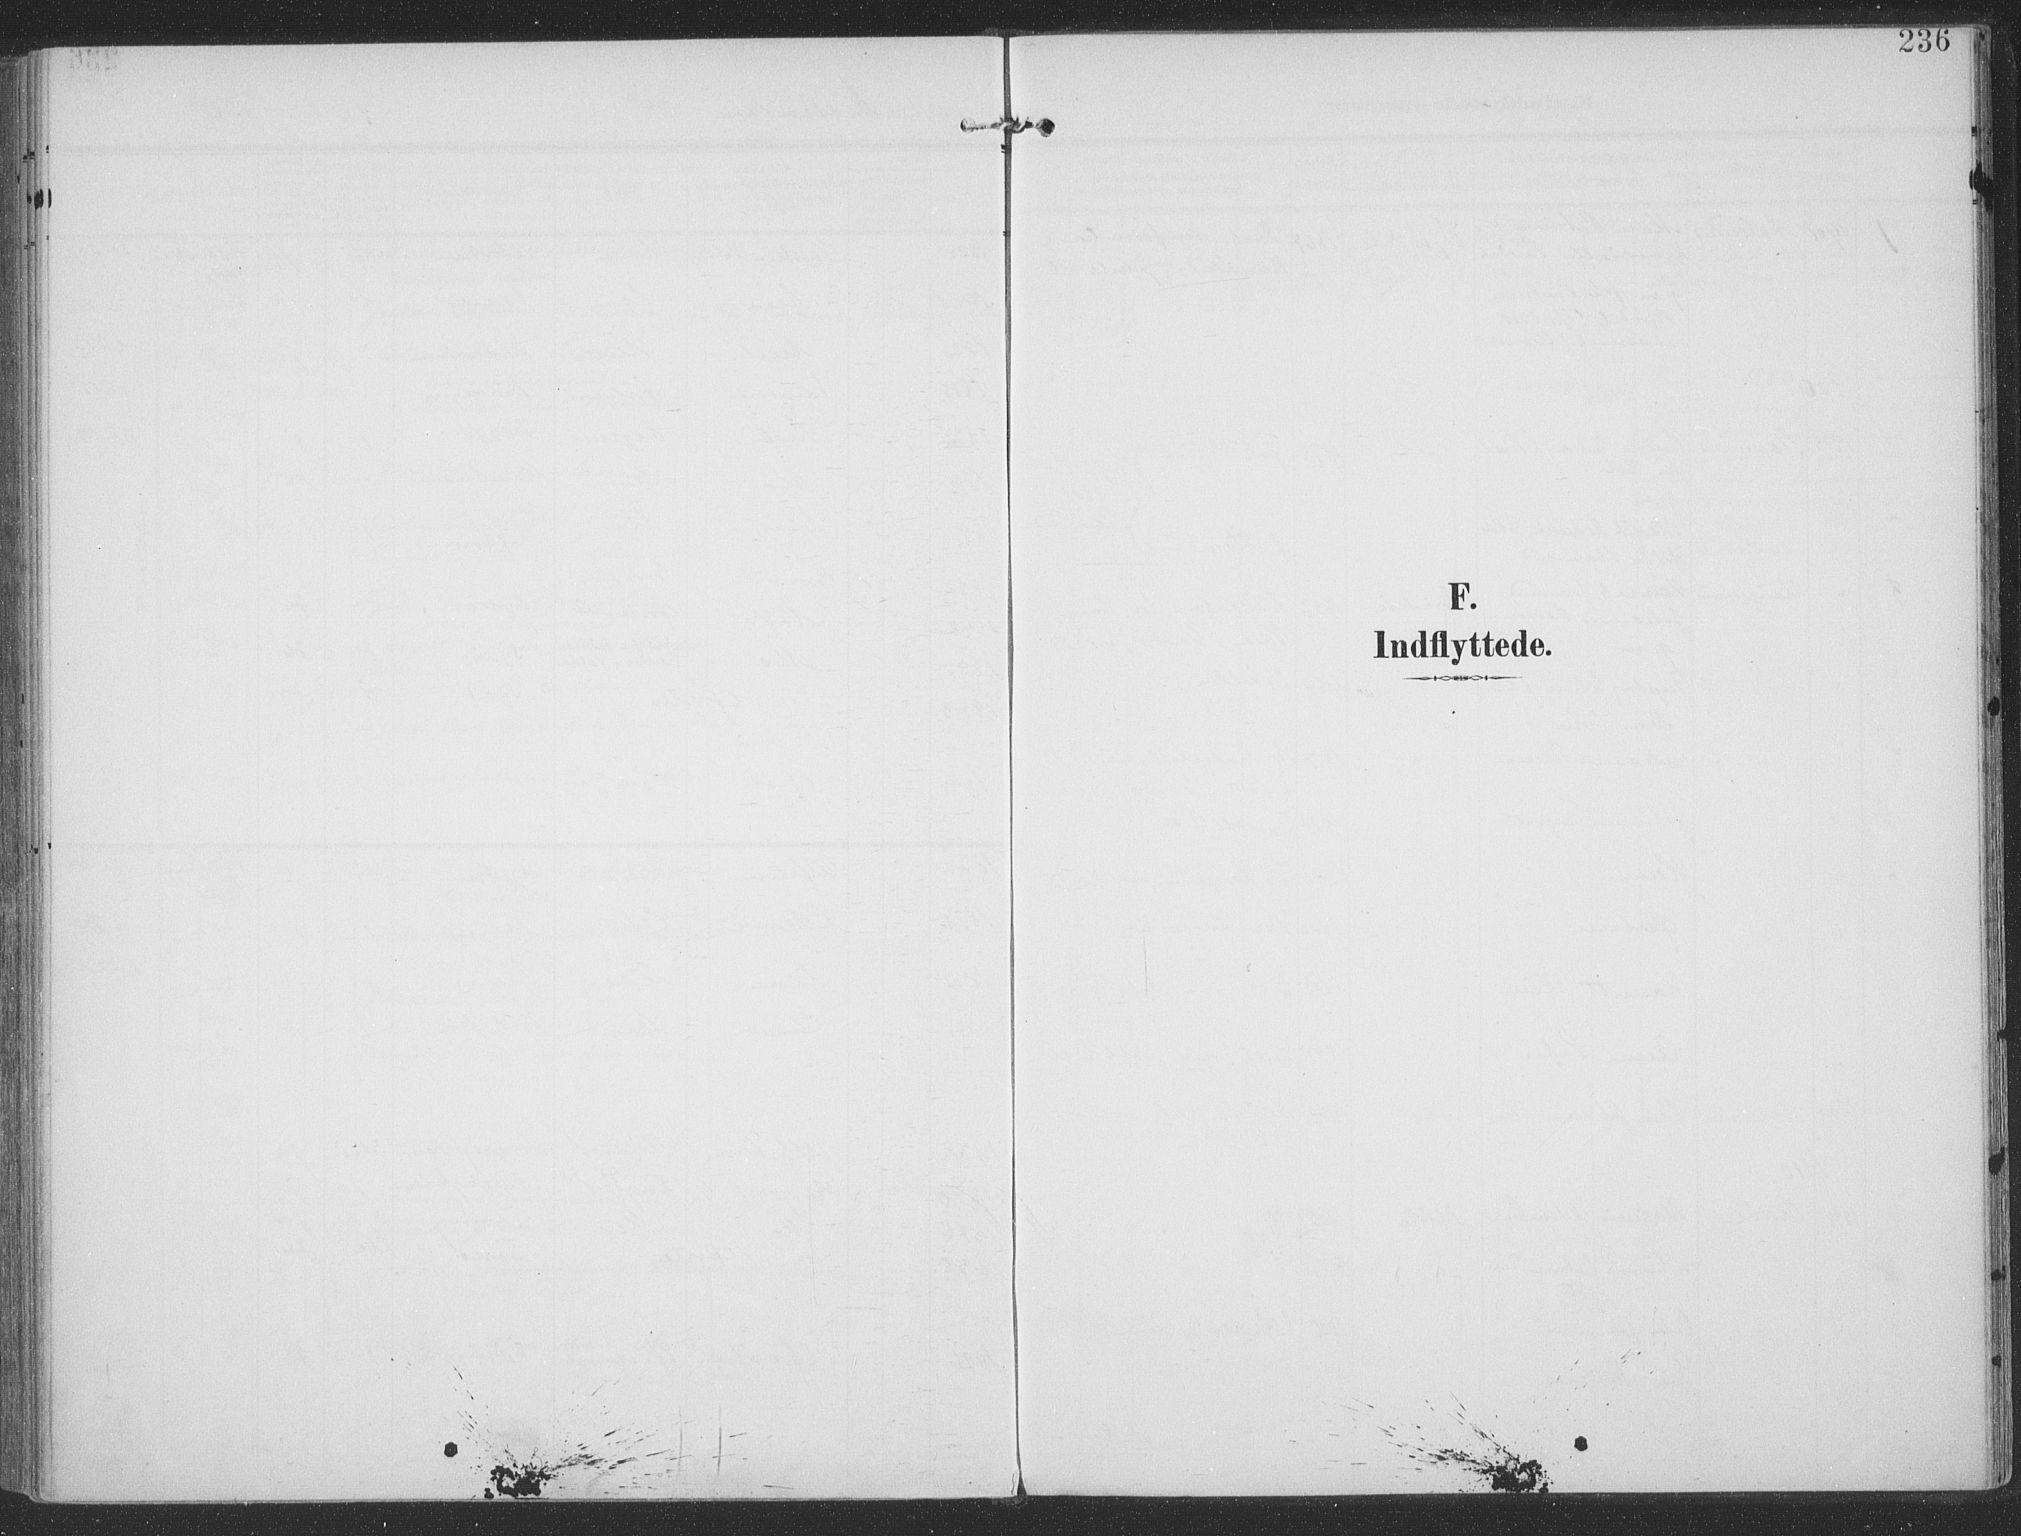 SAT, Ministerialprotokoller, klokkerbøker og fødselsregistre - Møre og Romsdal, 513/L0178: Parish register (official) no. 513A05, 1906-1919, p. 236